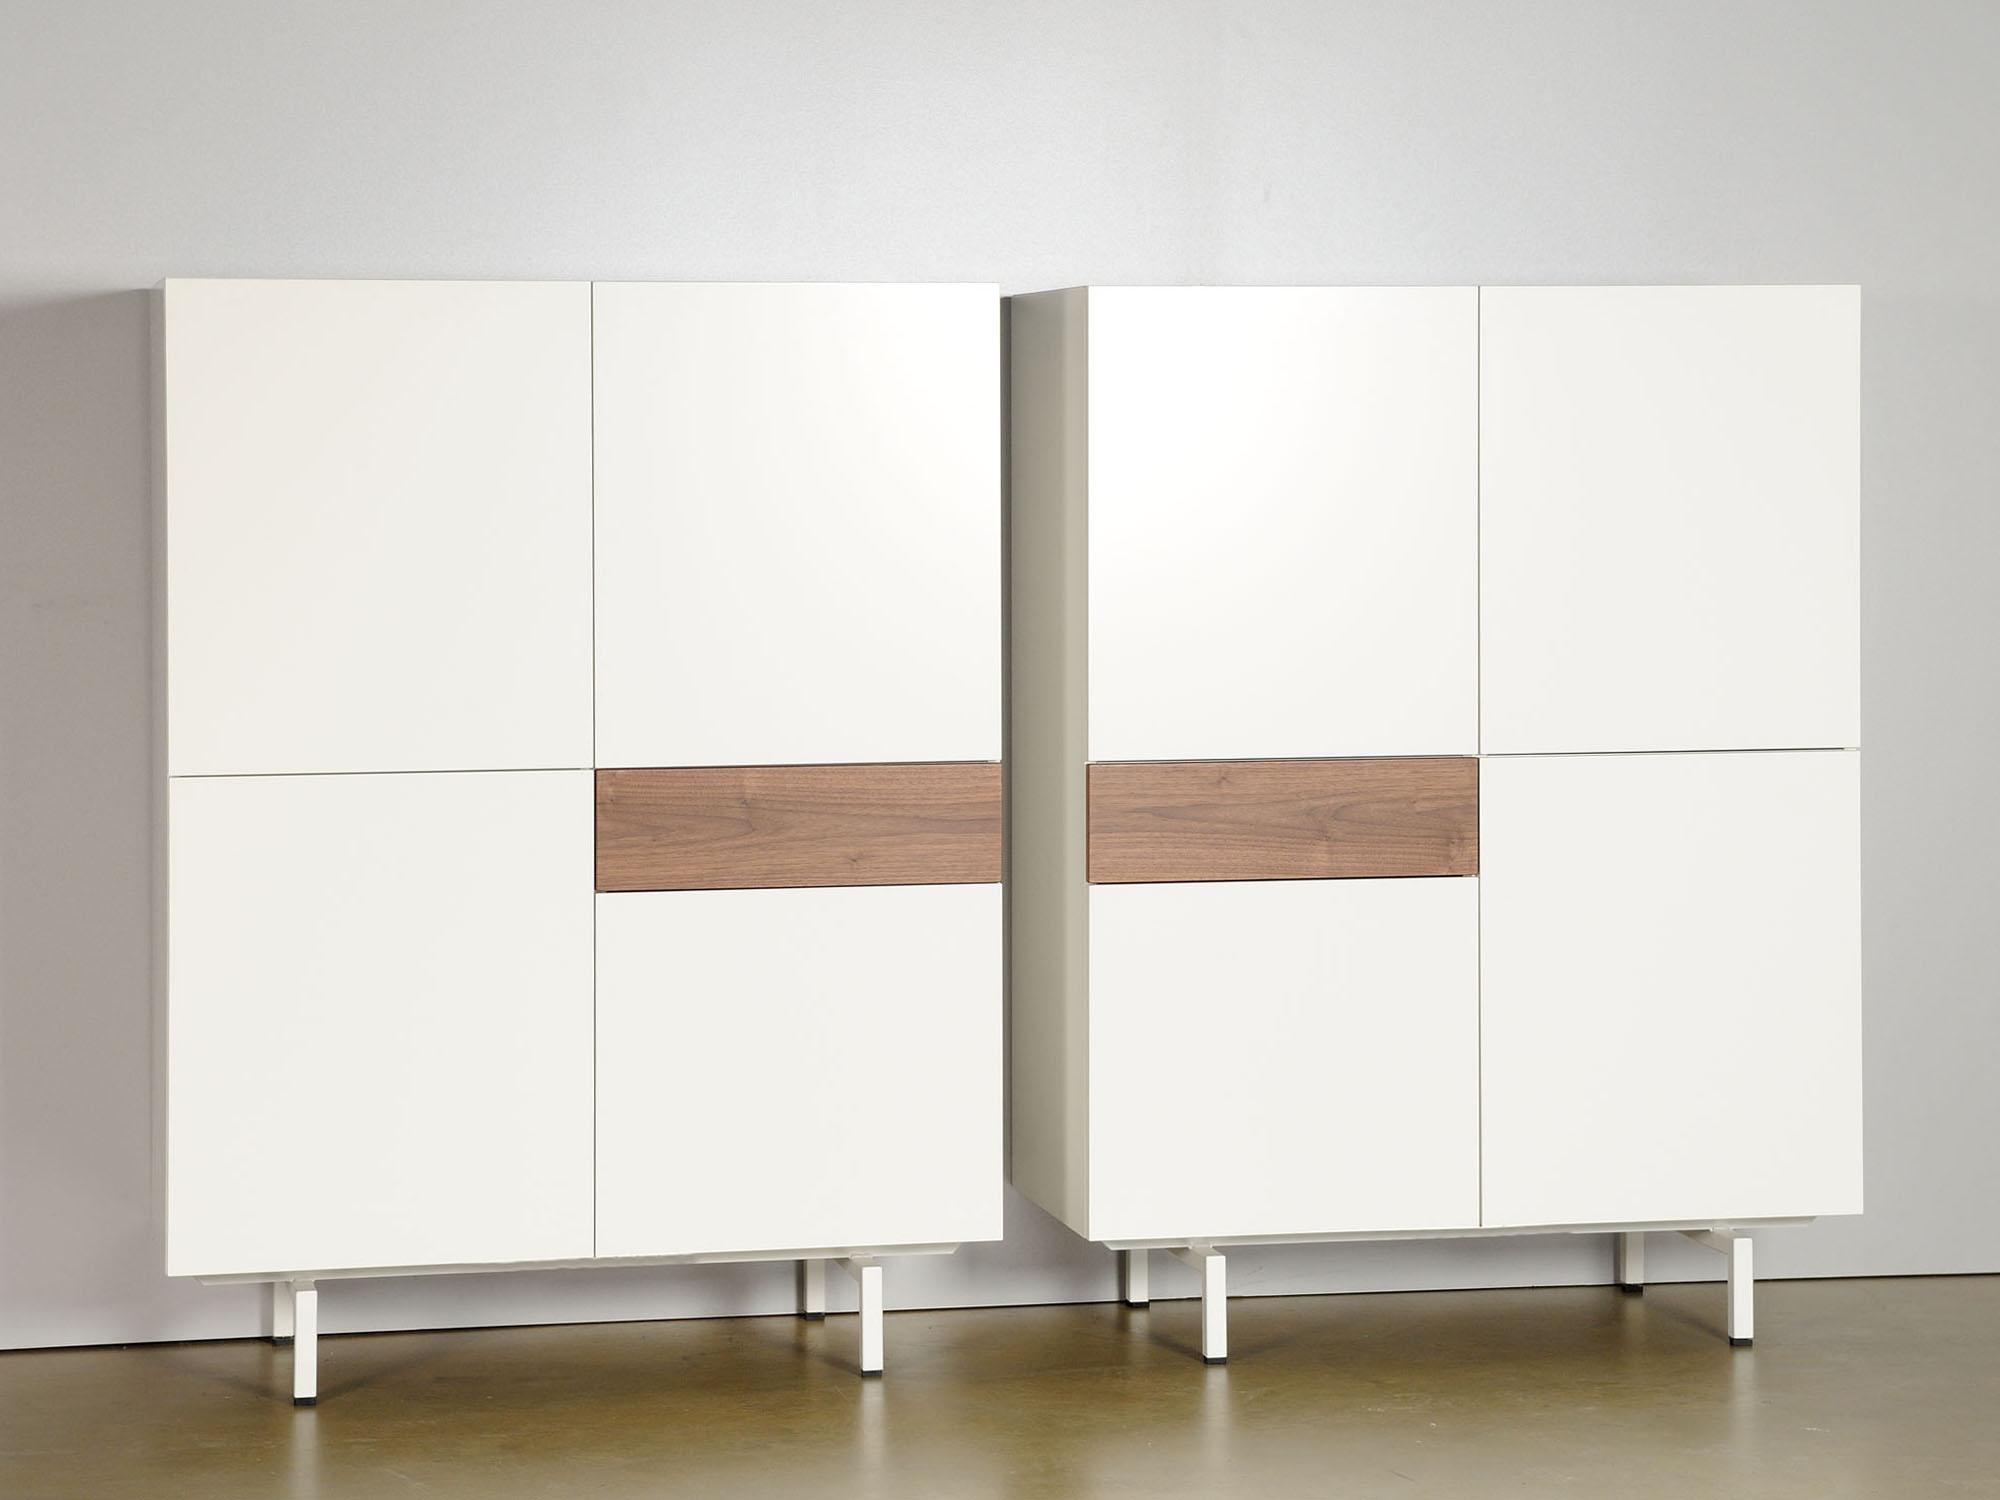 SOLO M2L en M2R, ontwerp door Castelijn Team